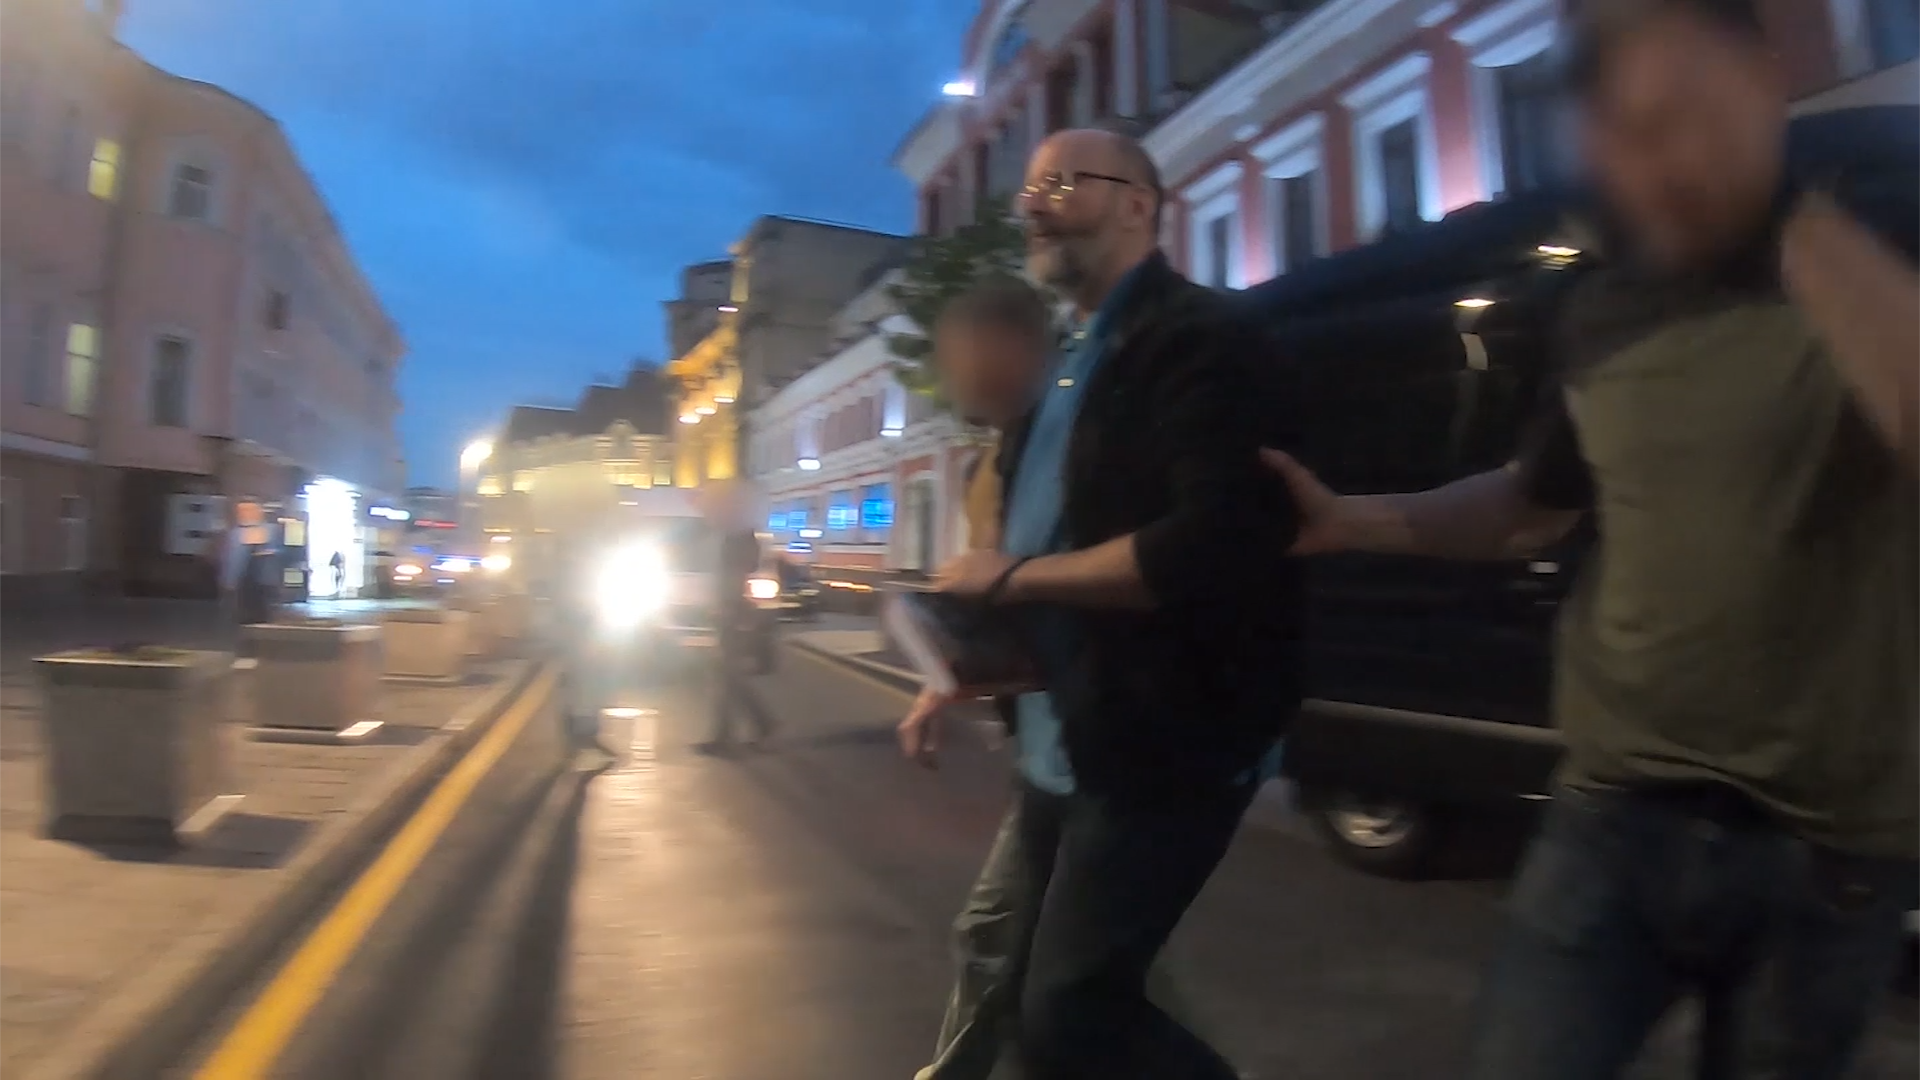 ФСБ опубликовала видео задержания агента спецслужб Украины